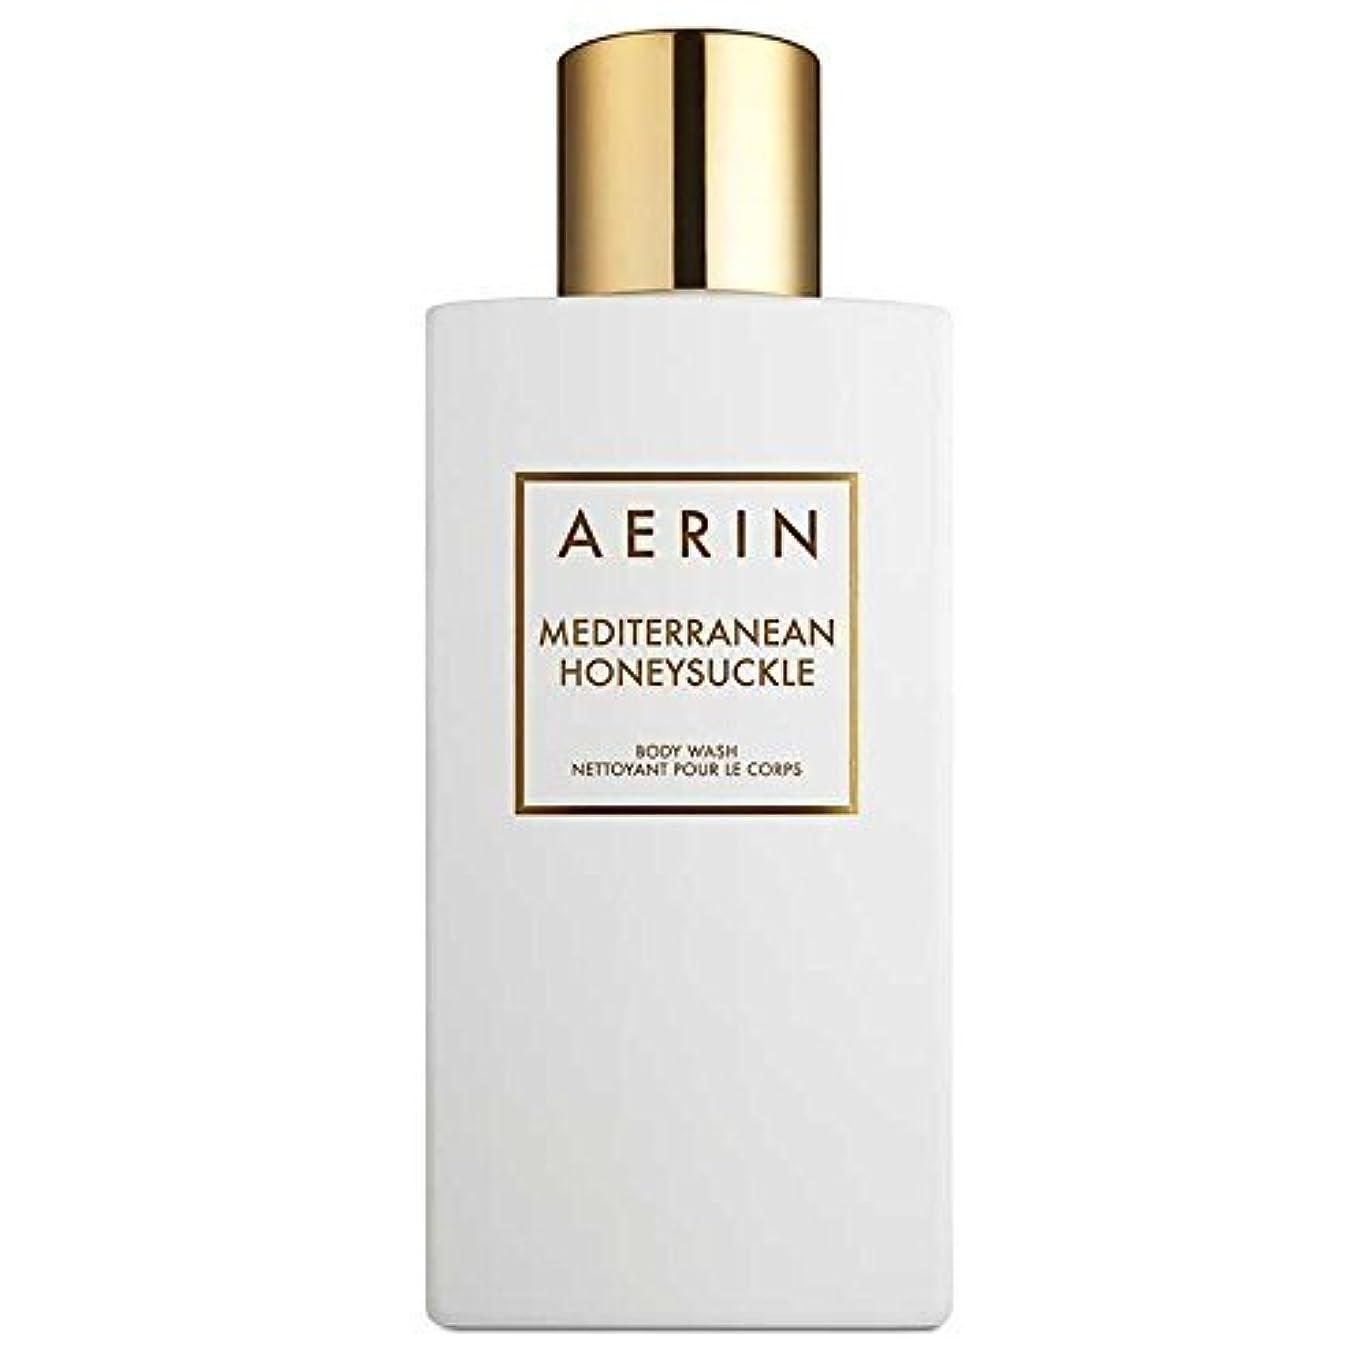 知事再撮り不毛AERIN Mediterranean Honeysuckle (アエリン メディタレーニアン ハニーサックル) 7.6 oz (228ml) Body Wash ボディーウオッシュ by Estee Lauder for Women